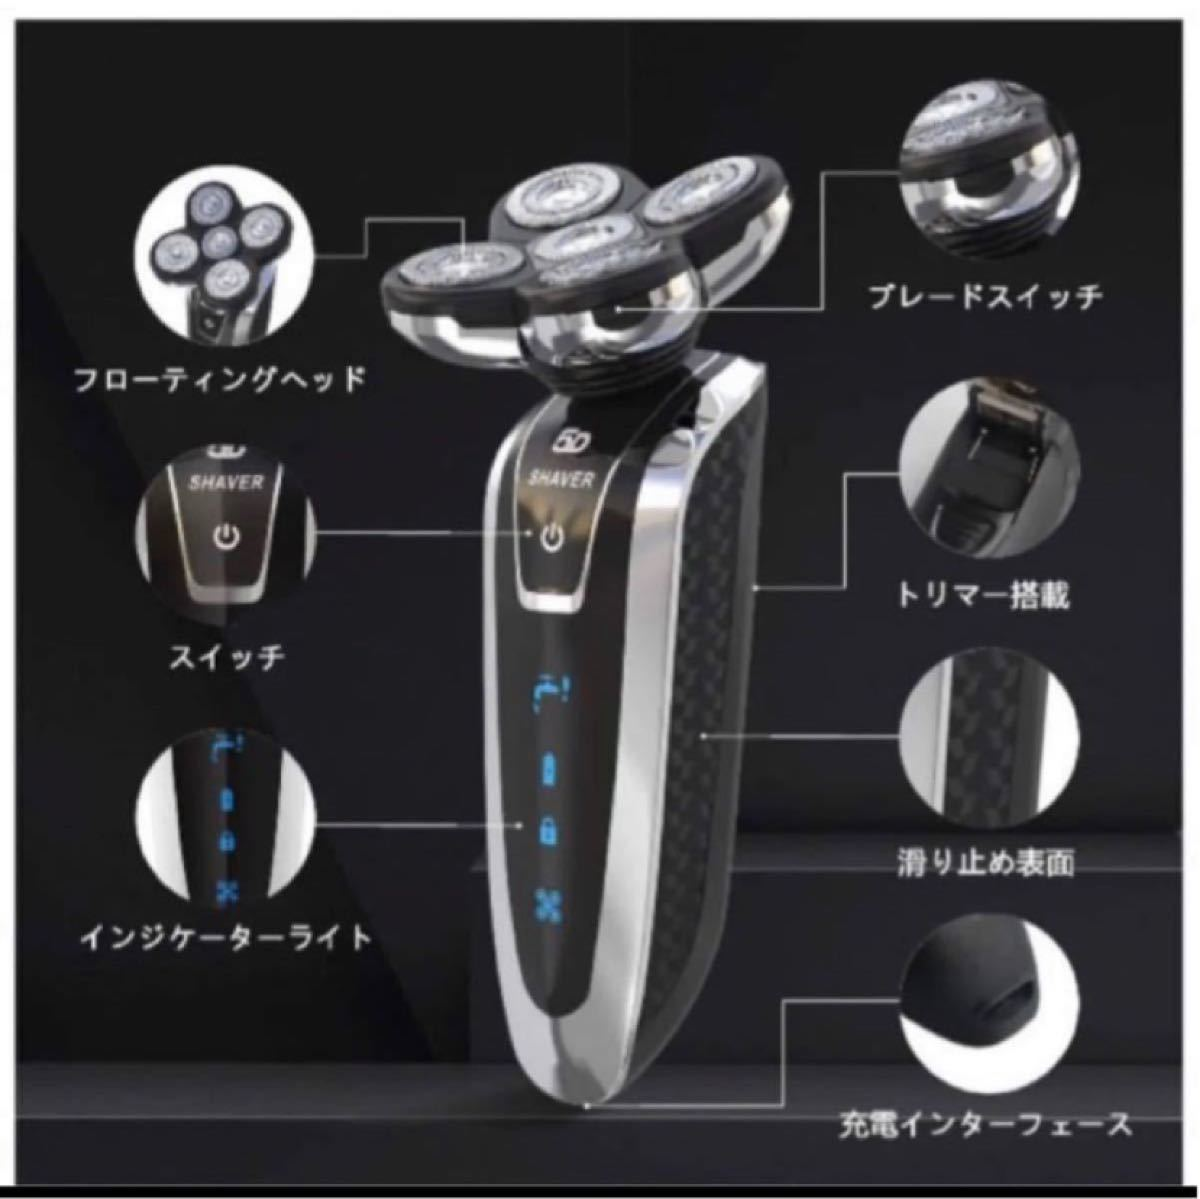 メンズ 電気シェーバー 5枚刃電気カミソリ 5Dフローティングヘッド IPX7防水USB充電式 自動調整 水洗い お風呂剃り可